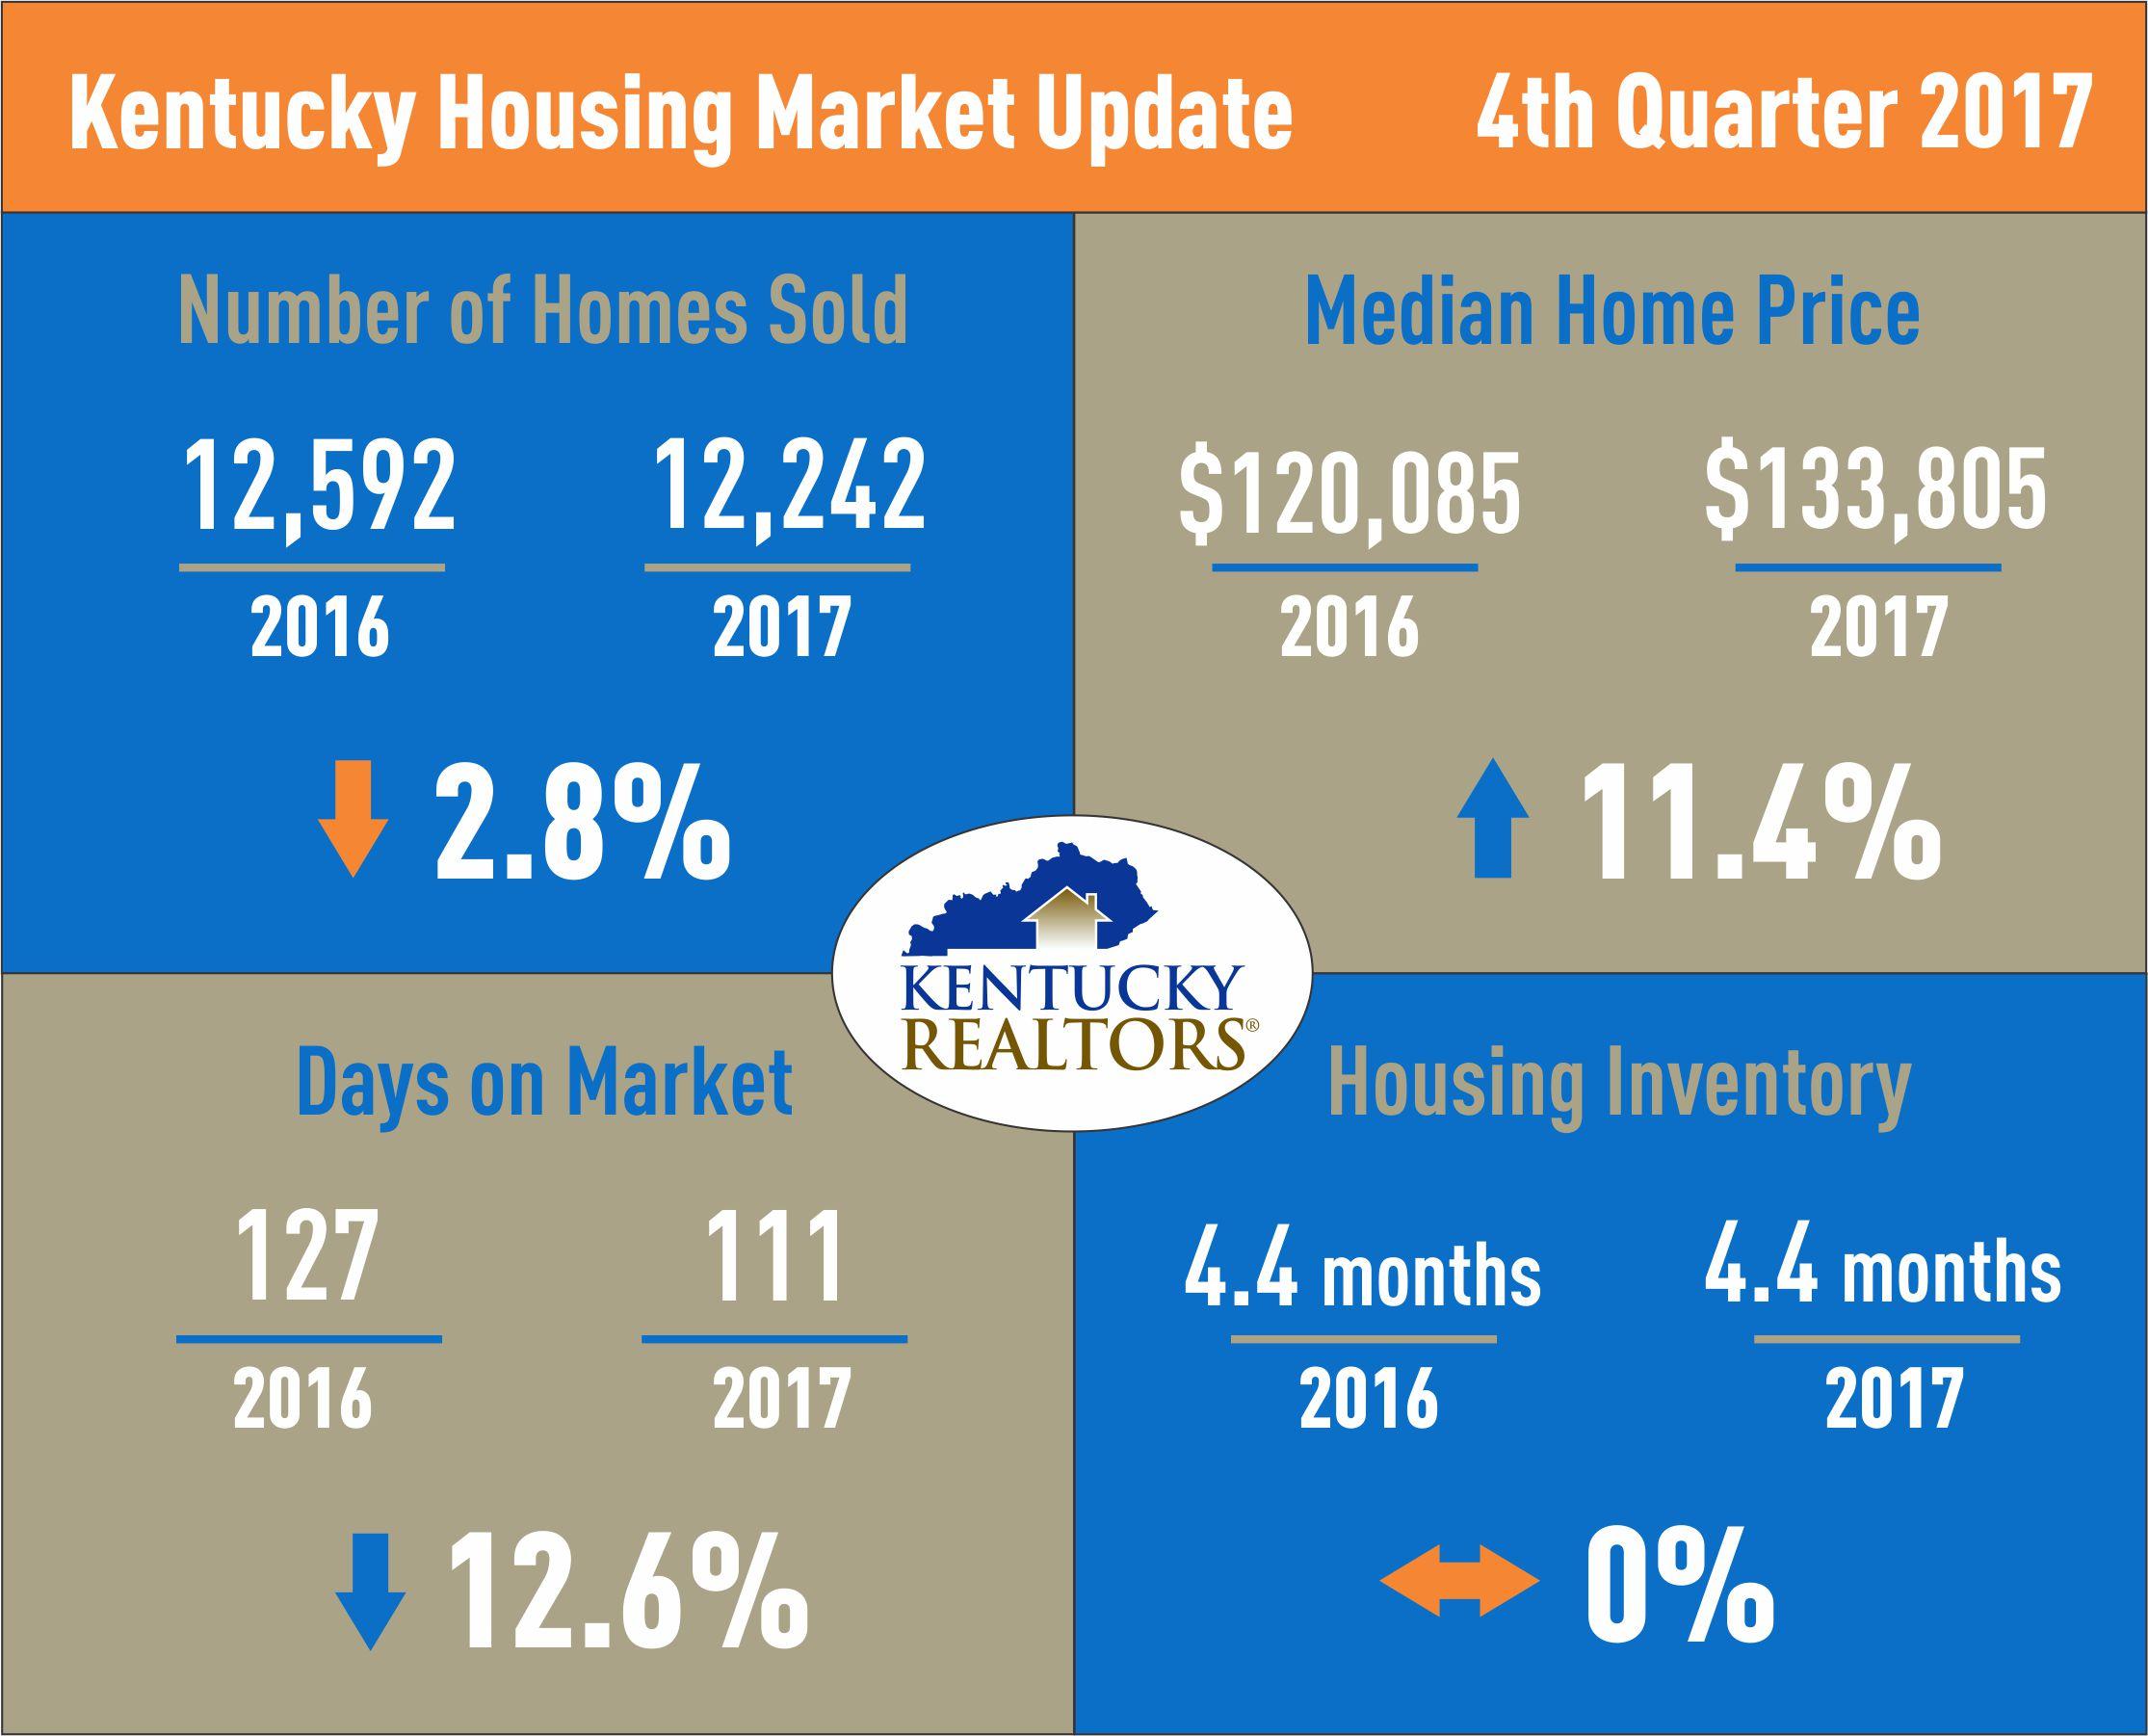 Kentucky Housing Market Update 4Q2017